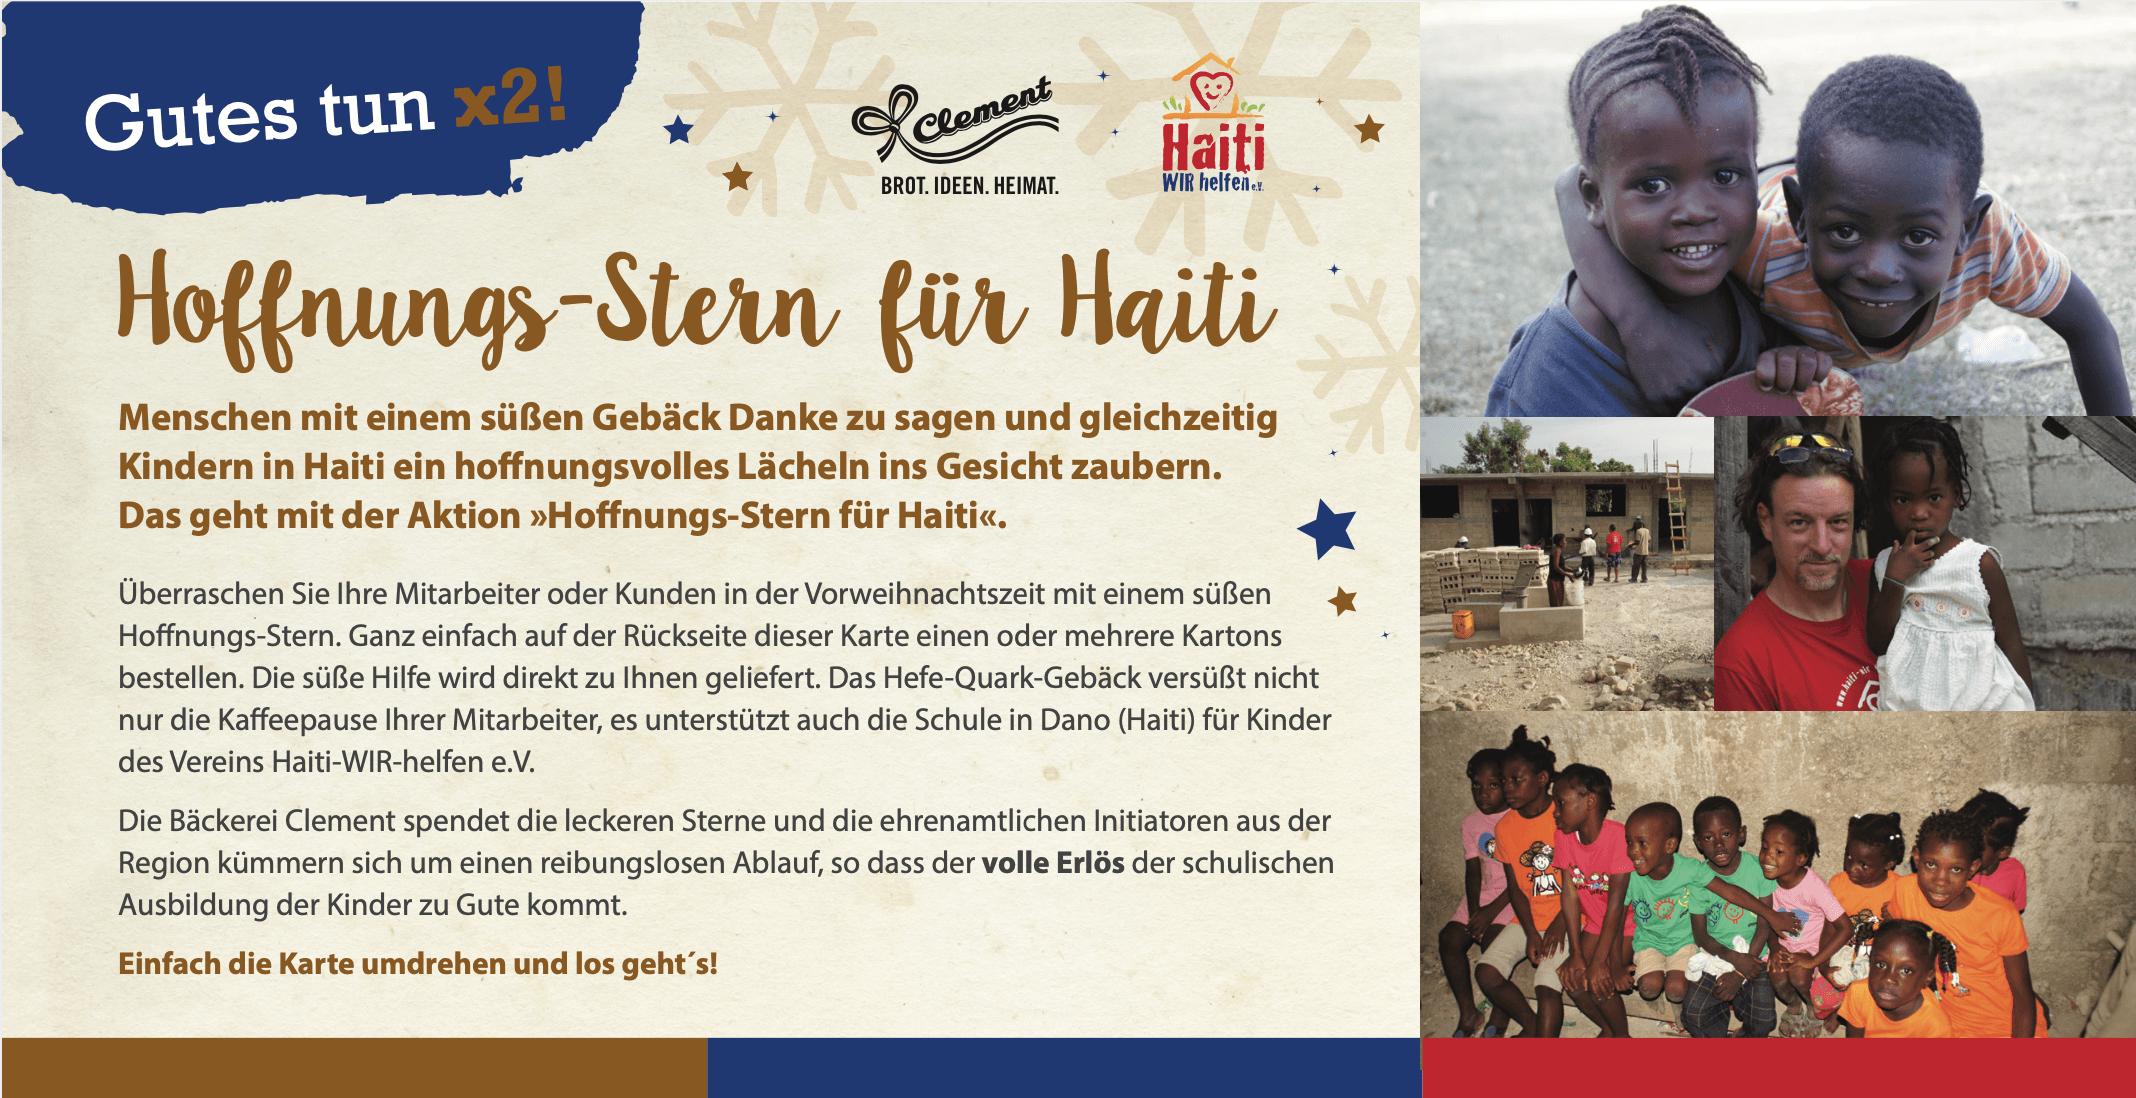 startseite haiti wir helfen e v  hilfe fur haiti eine osterreichische spendenaktion #4